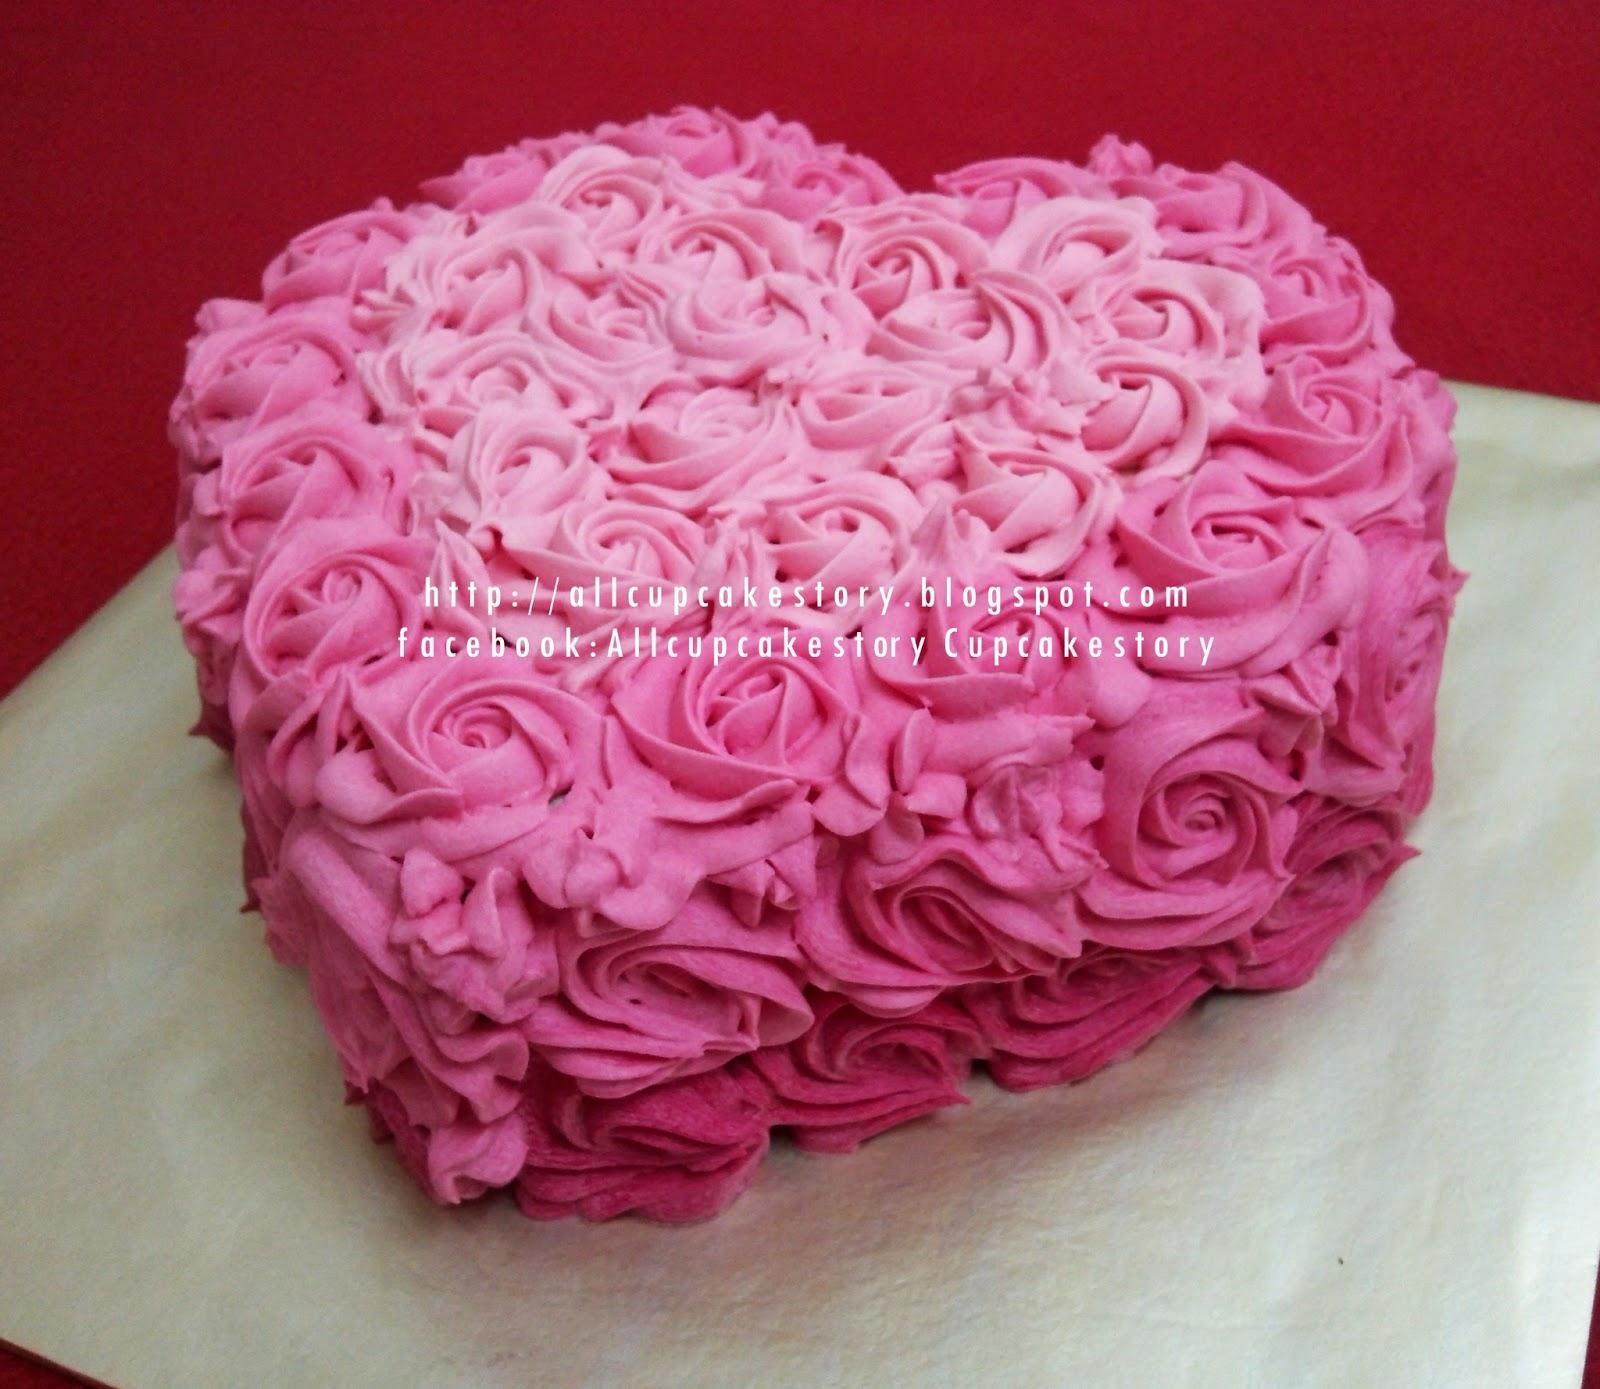 Allcupcakestory: Rosette Love Birthday Cake